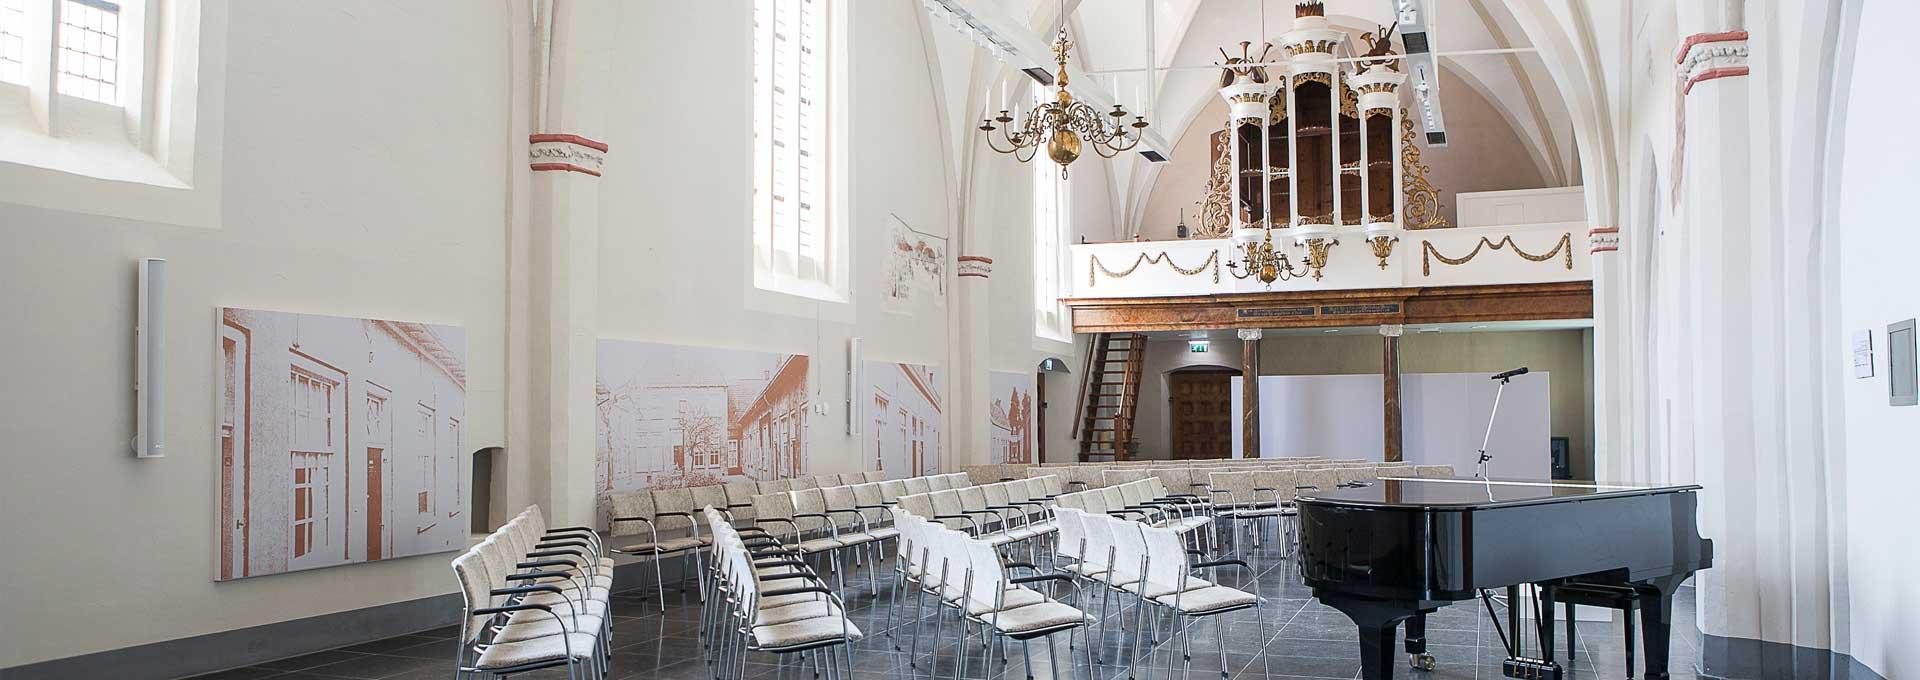 Gasthuiskerk Doesburg